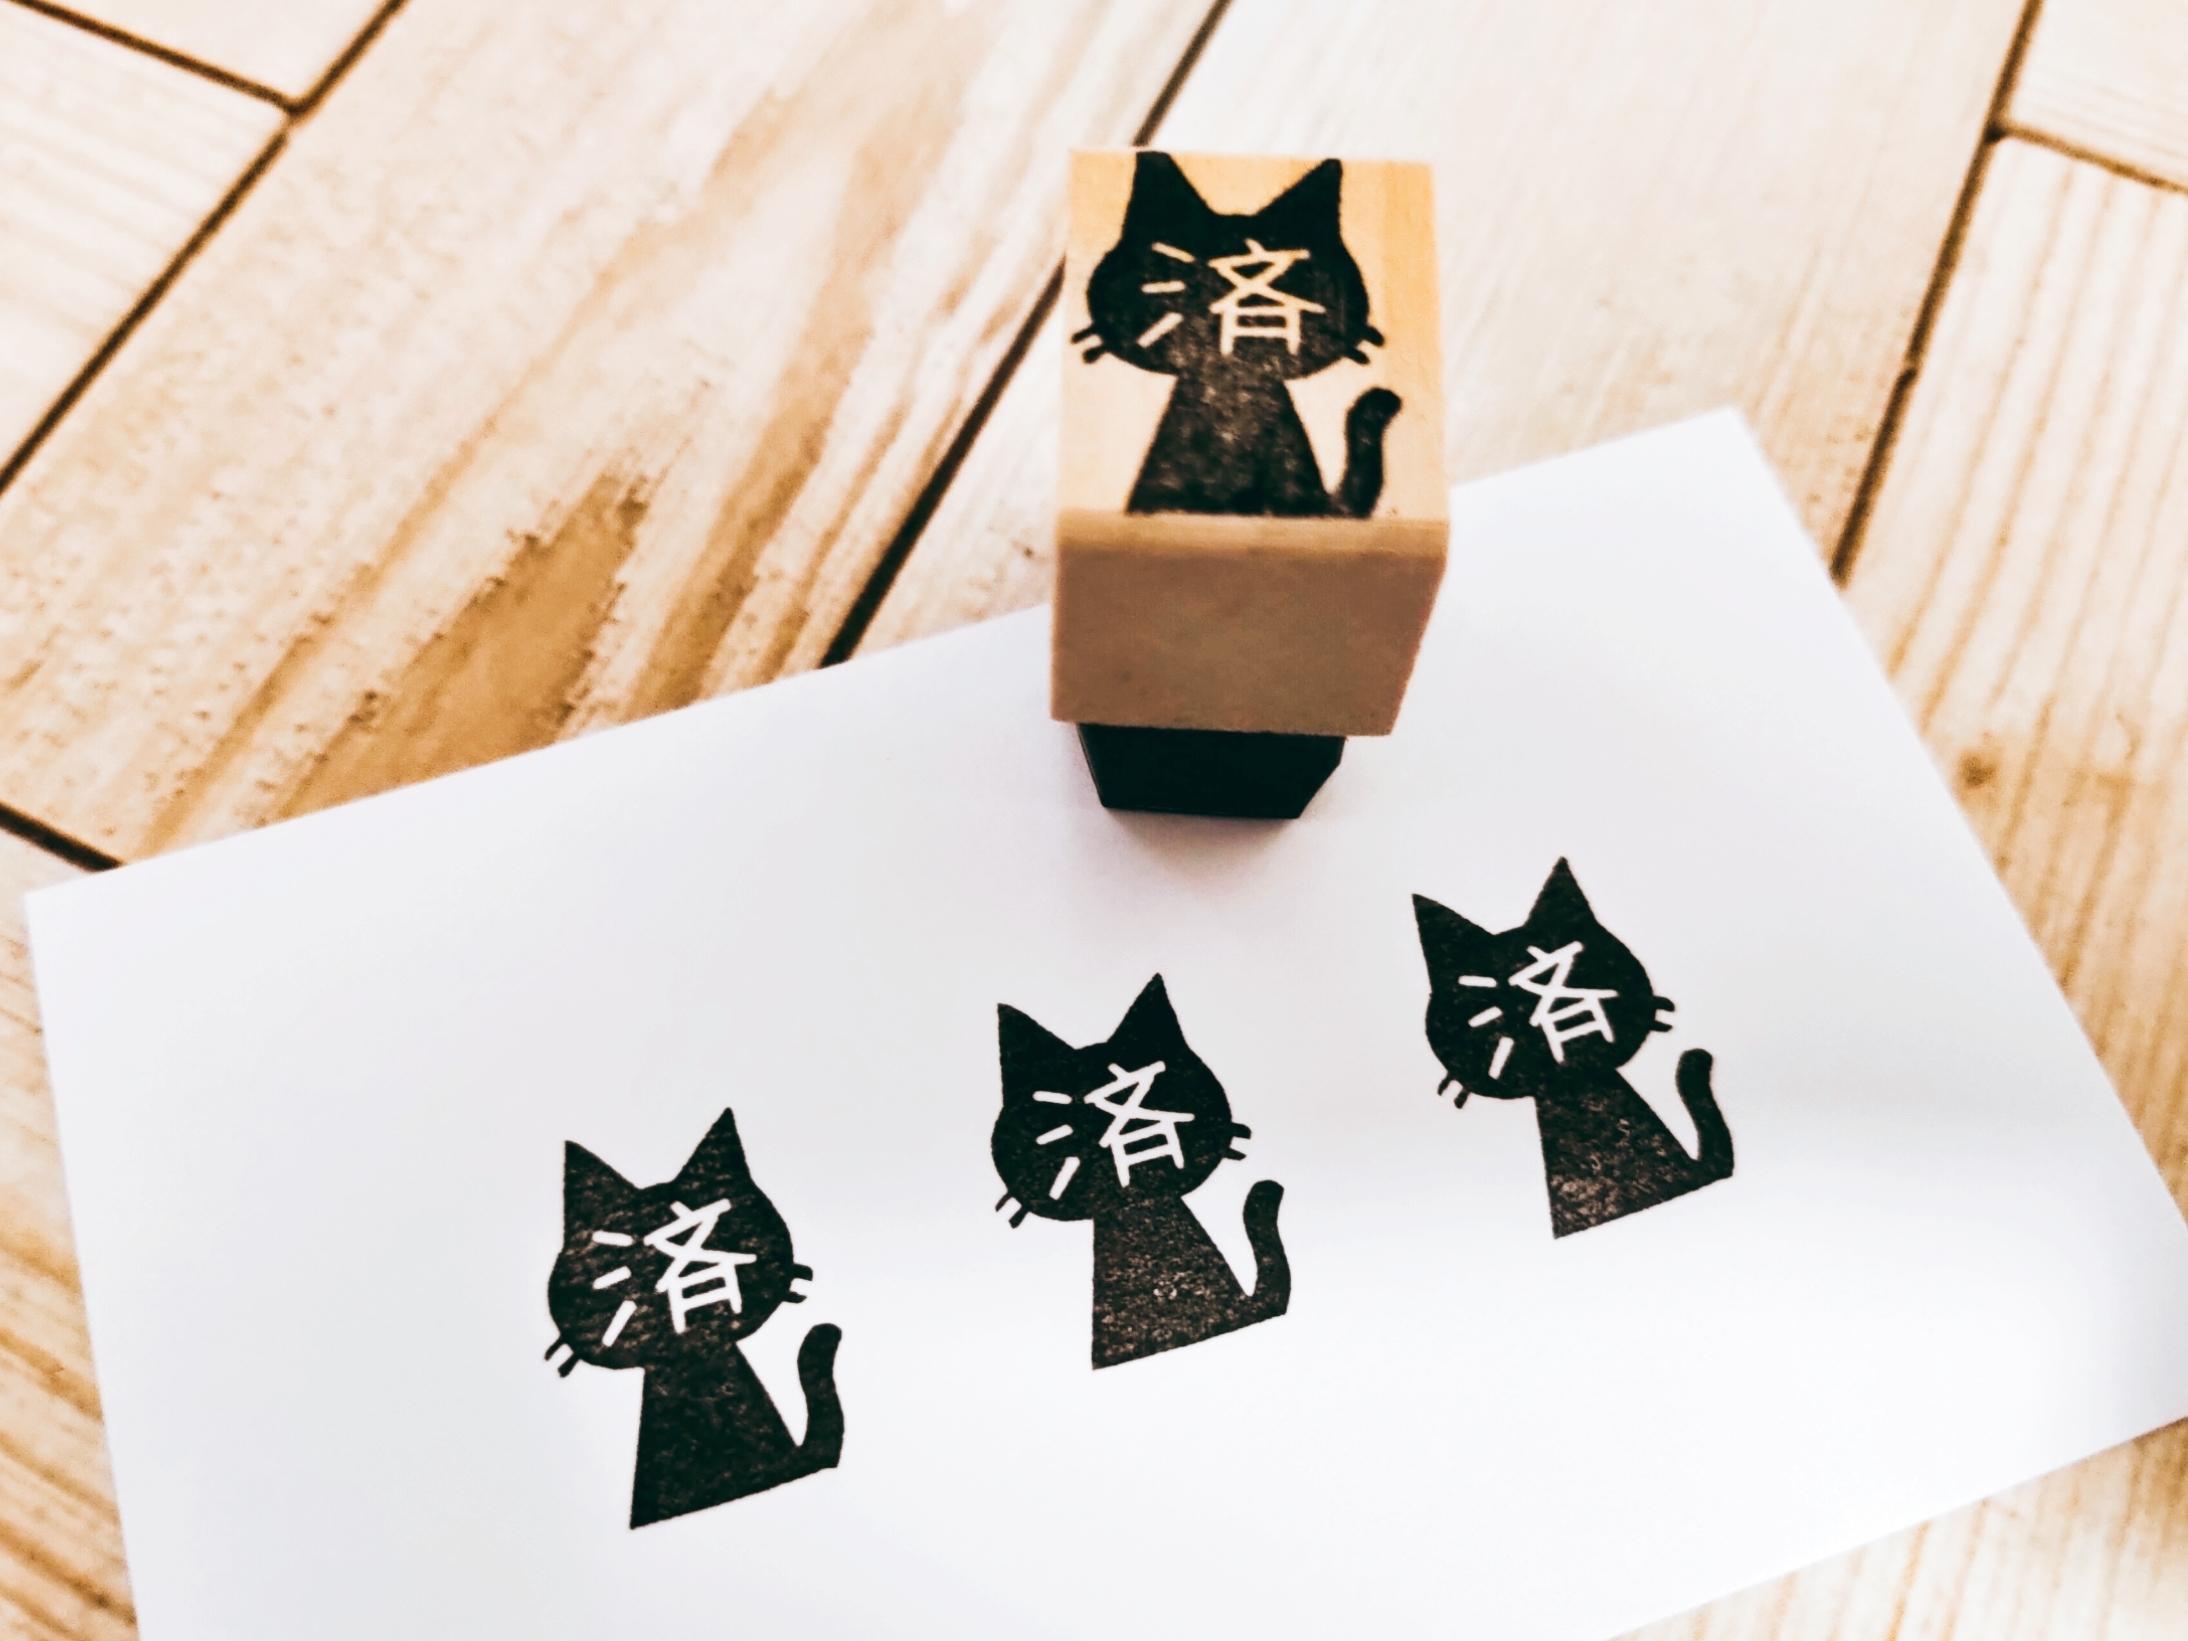 黒猫「済」